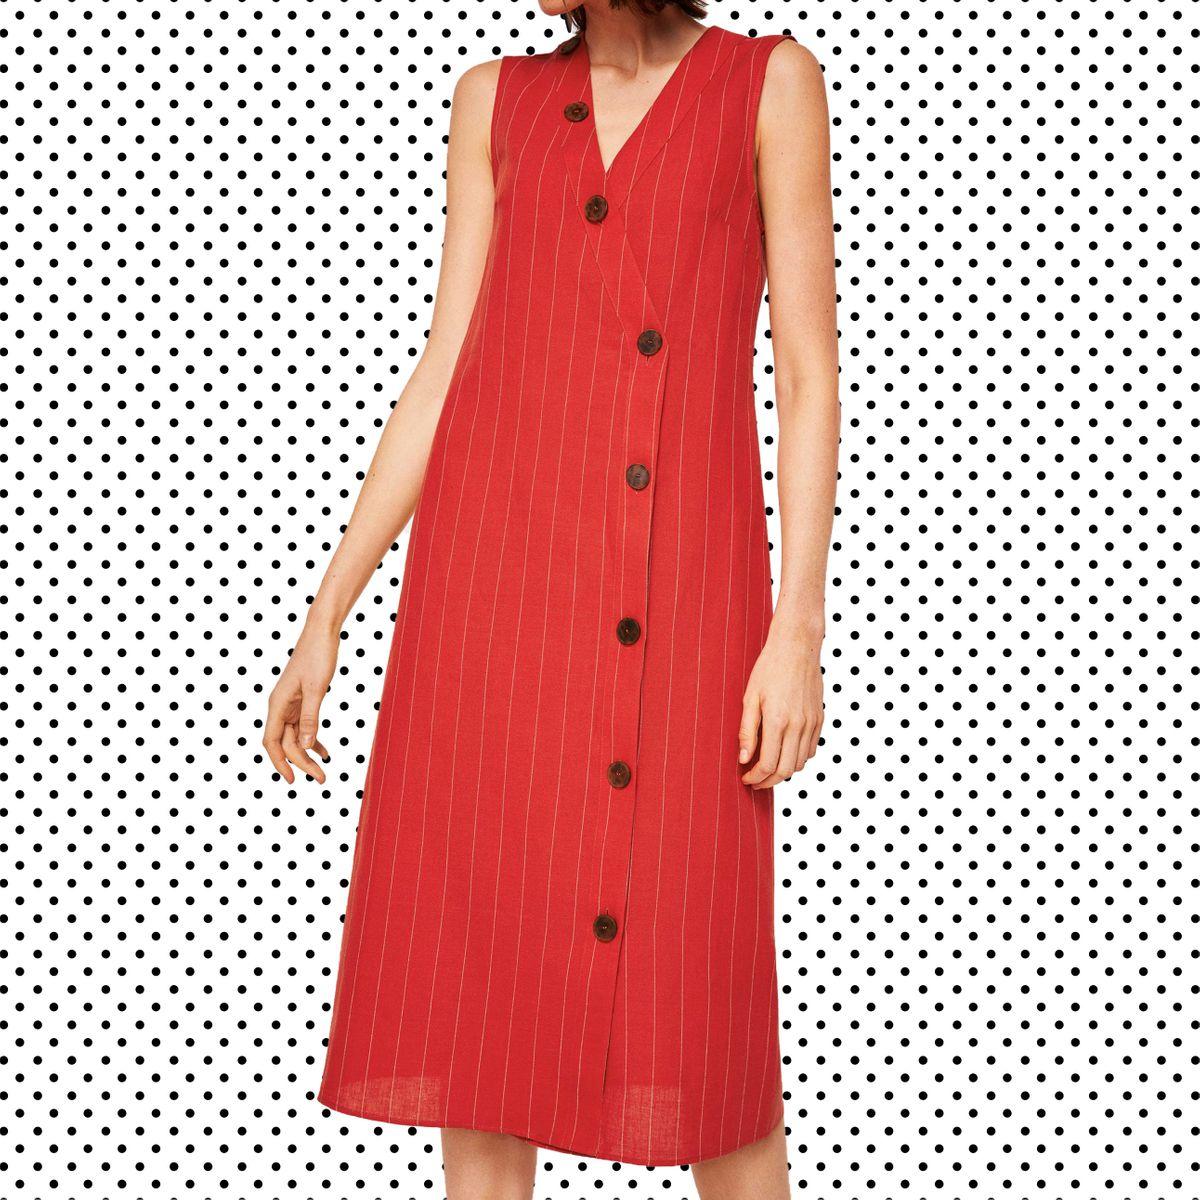 4469243a3238 13 Best Linen Dresses for Summer 2018